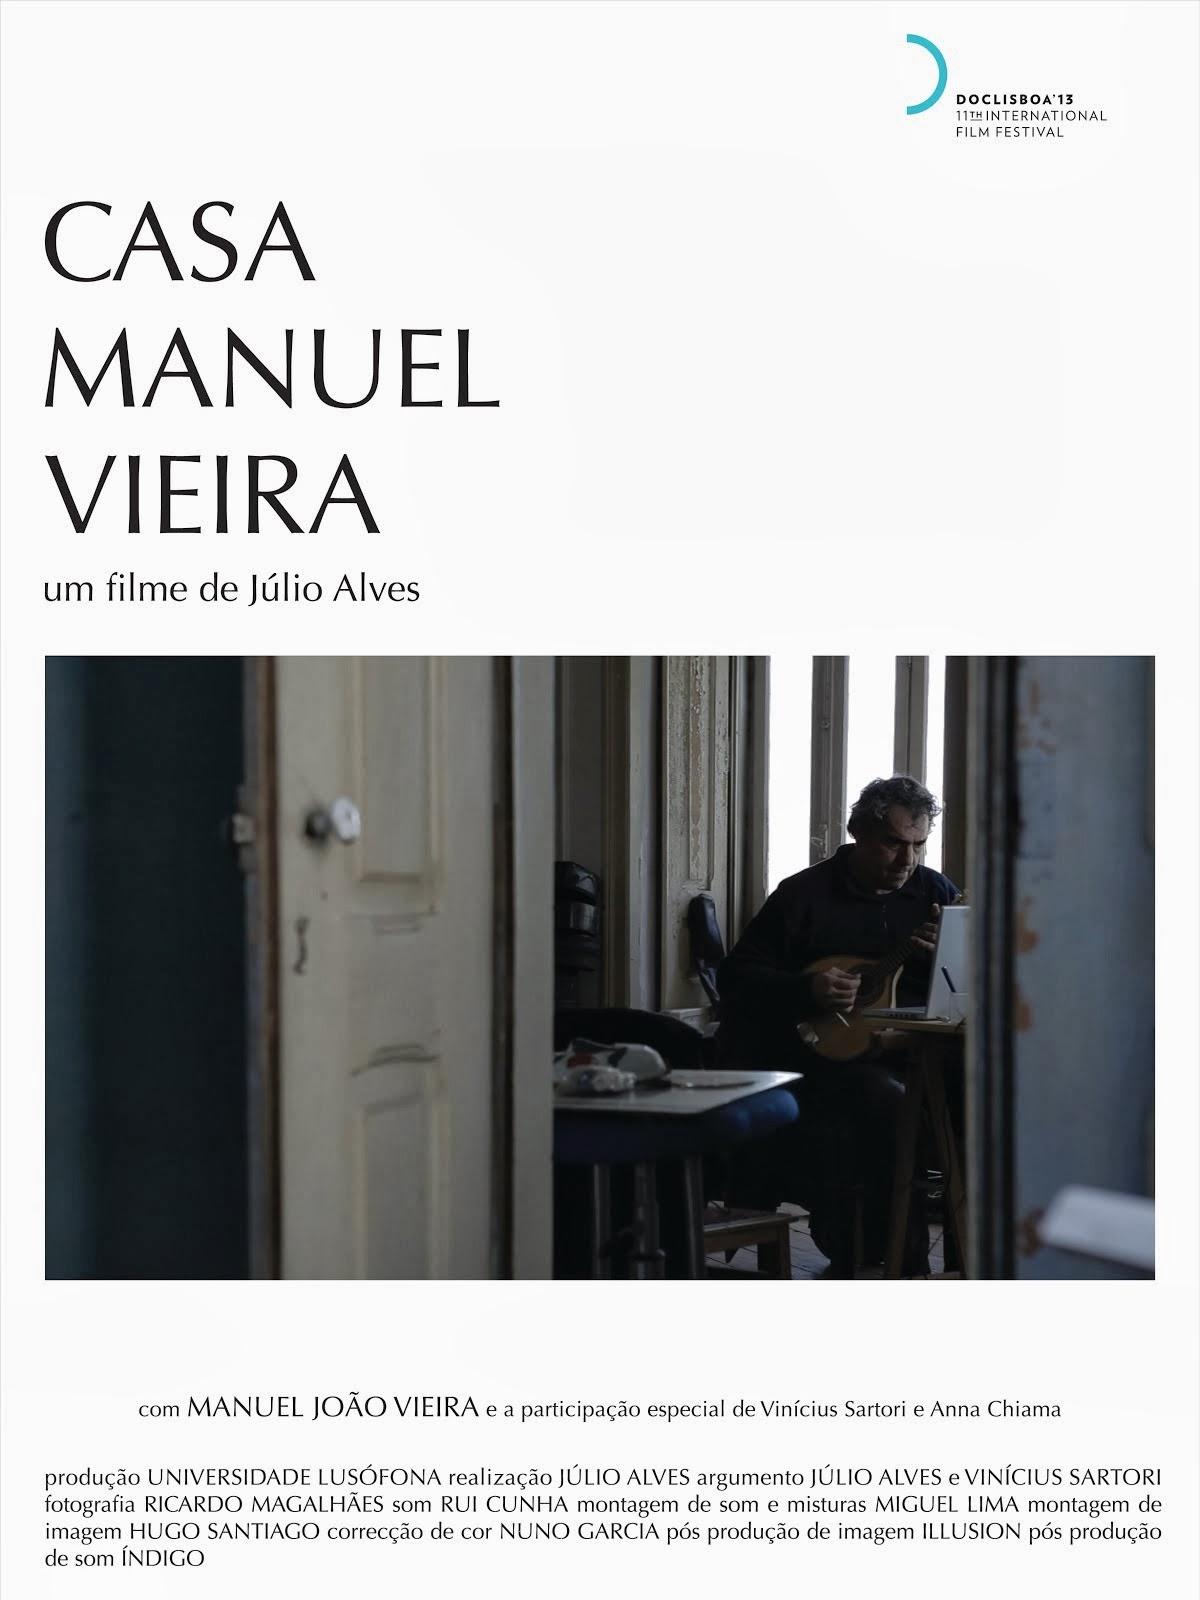 CASA MANUEL VIEIRA (trailer)